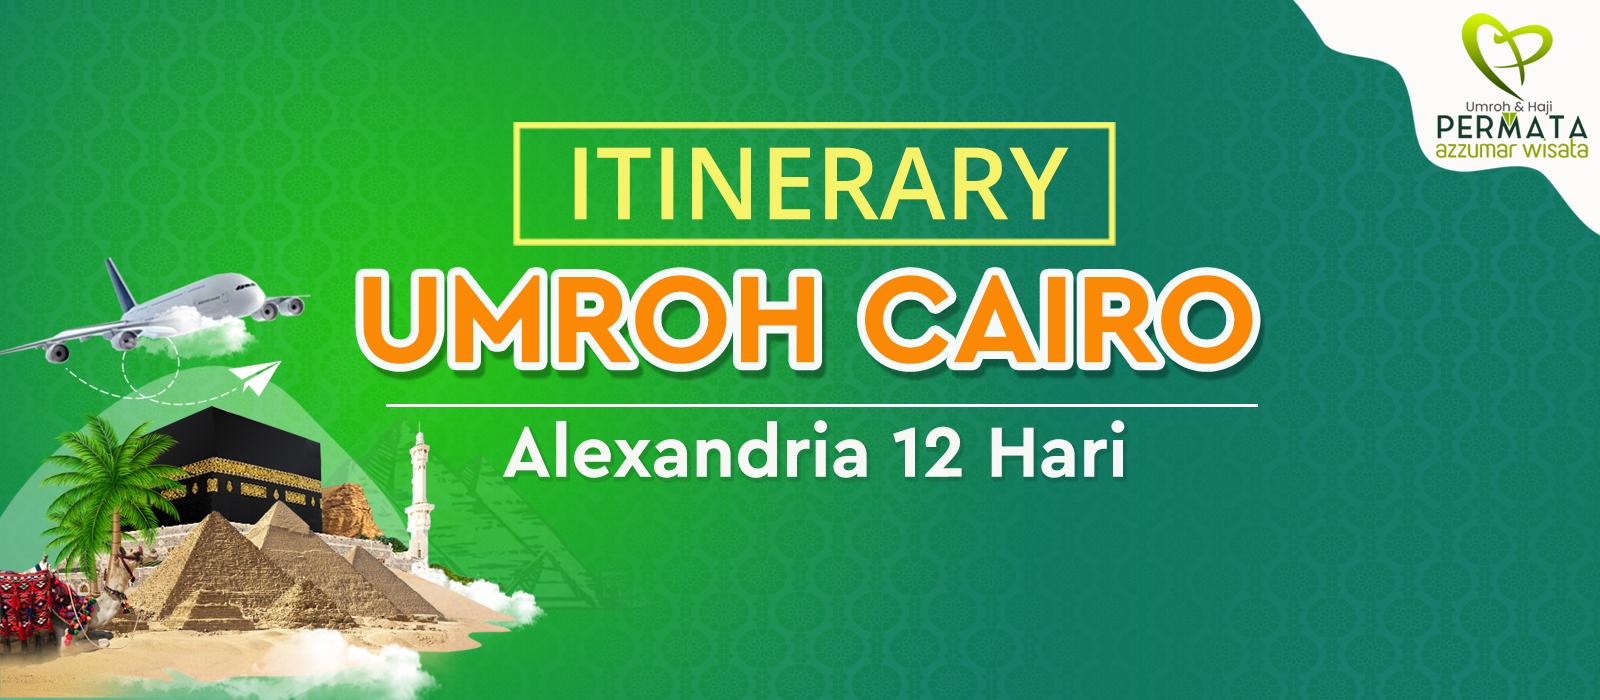 program Umroh plus cairo alexandria 12 hari